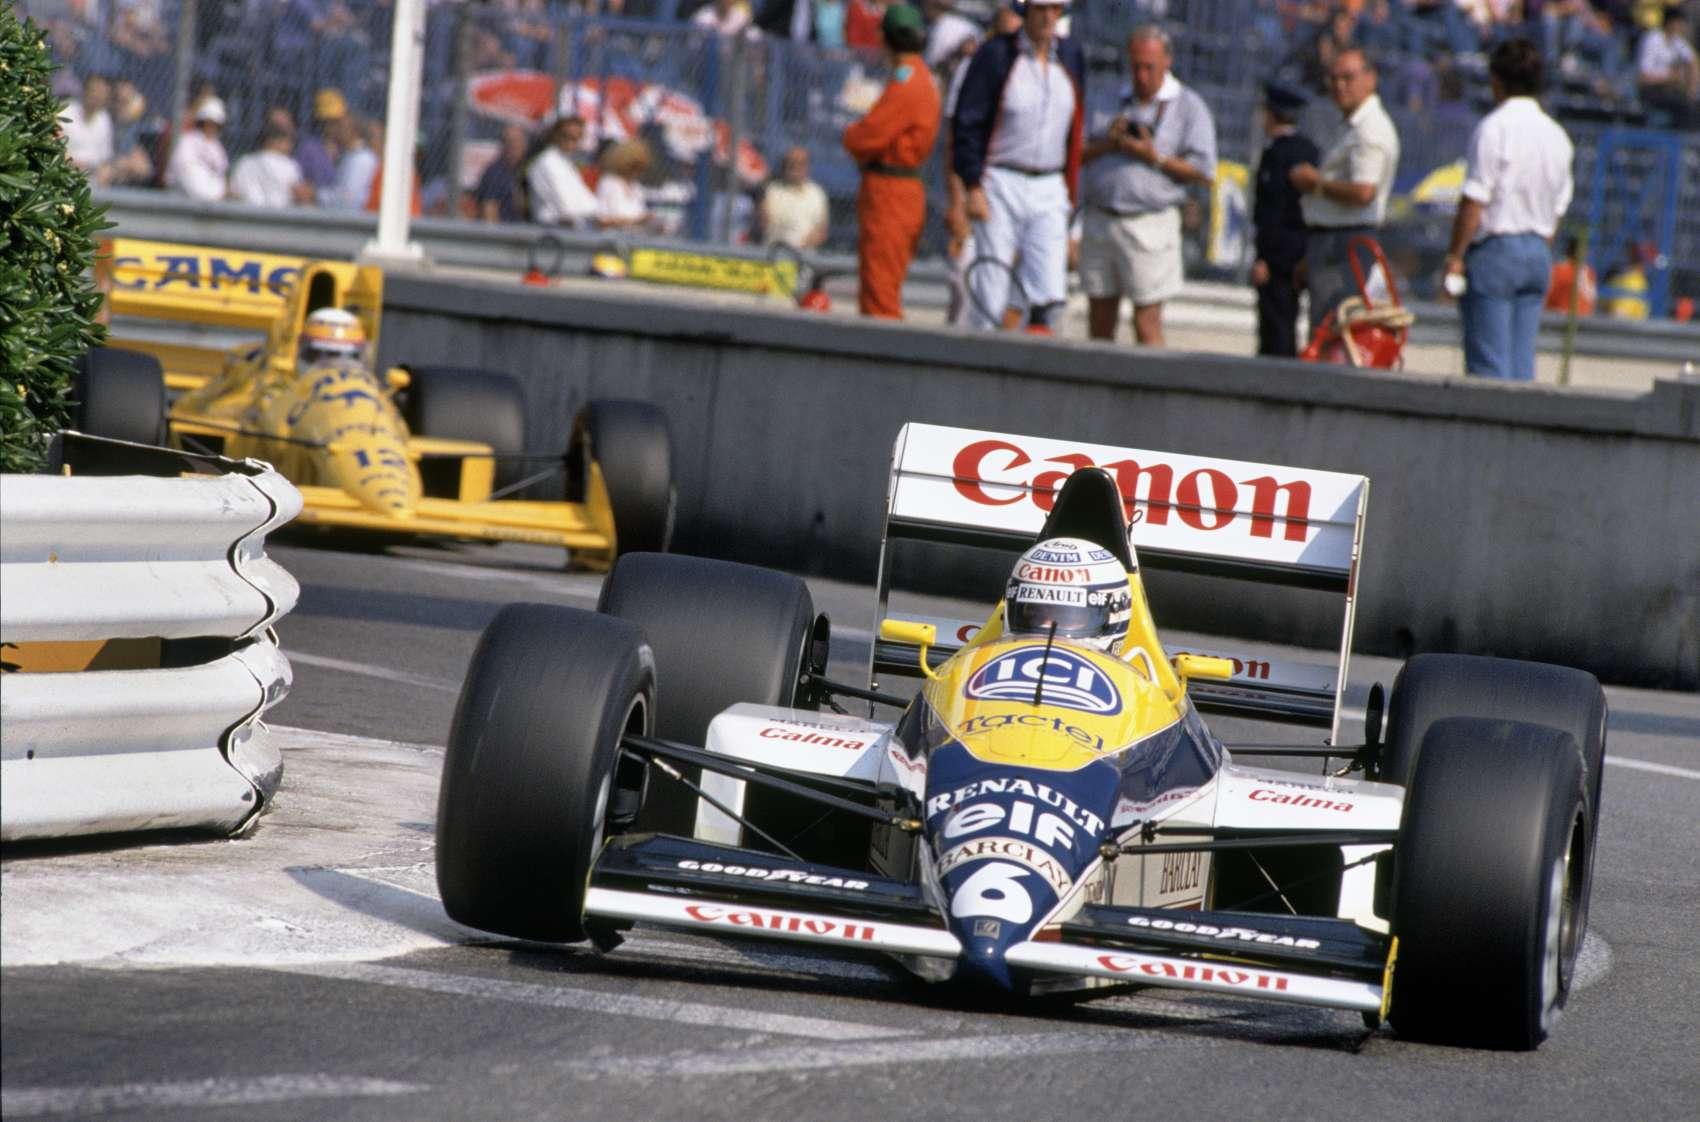 Riccardo Patrese, Satoru Nakajima, lotus, williams, racingline.hu